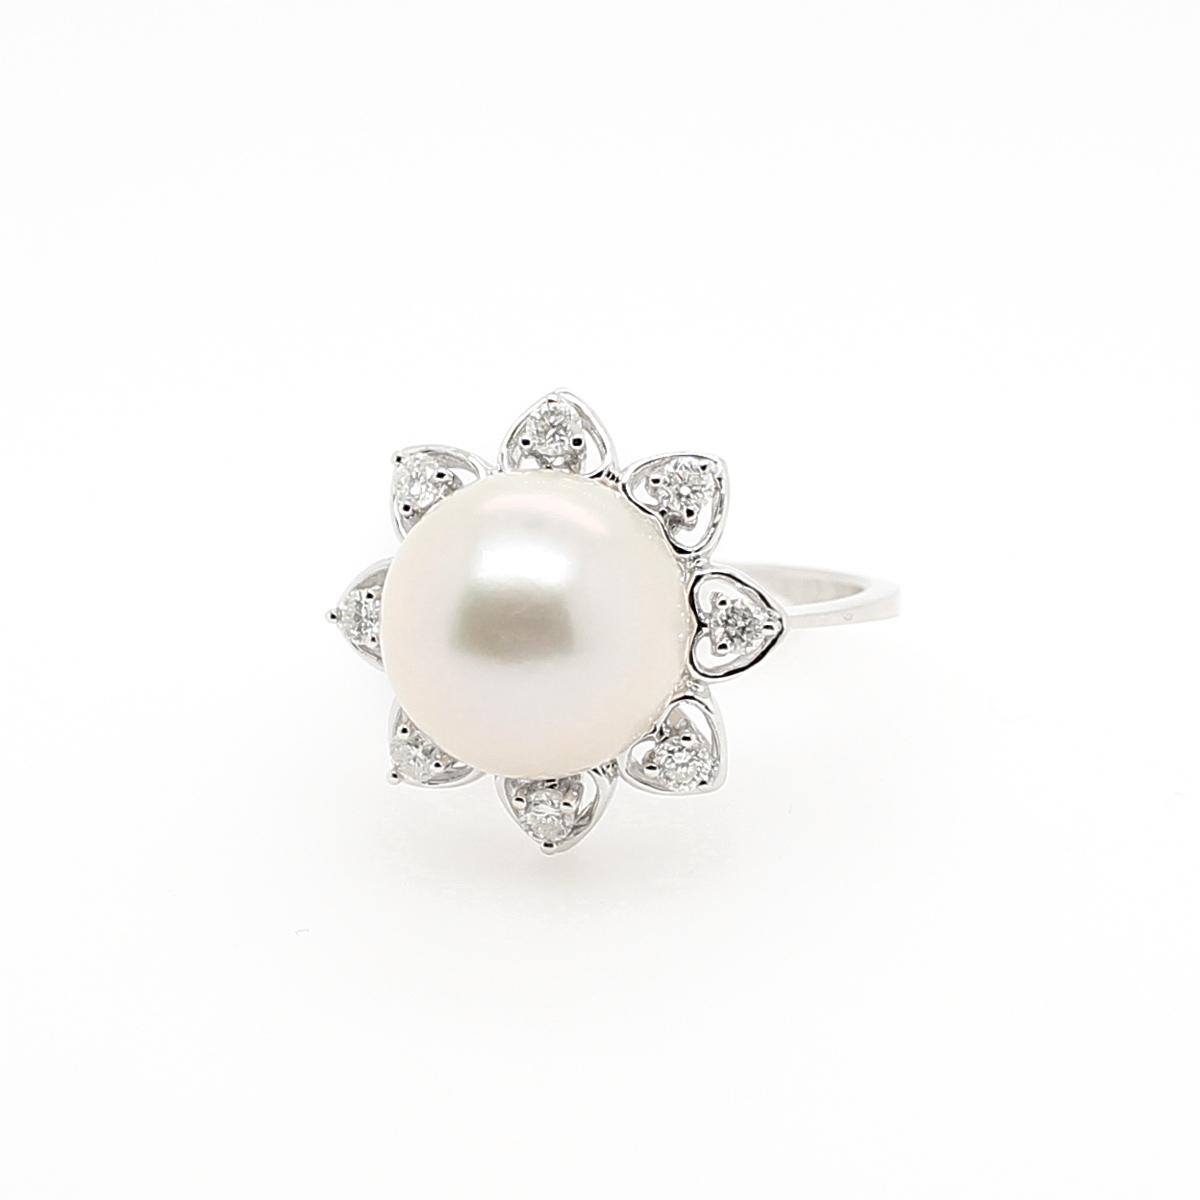 14 Karat White Gold Freshwater Pearl and Diamond Ring